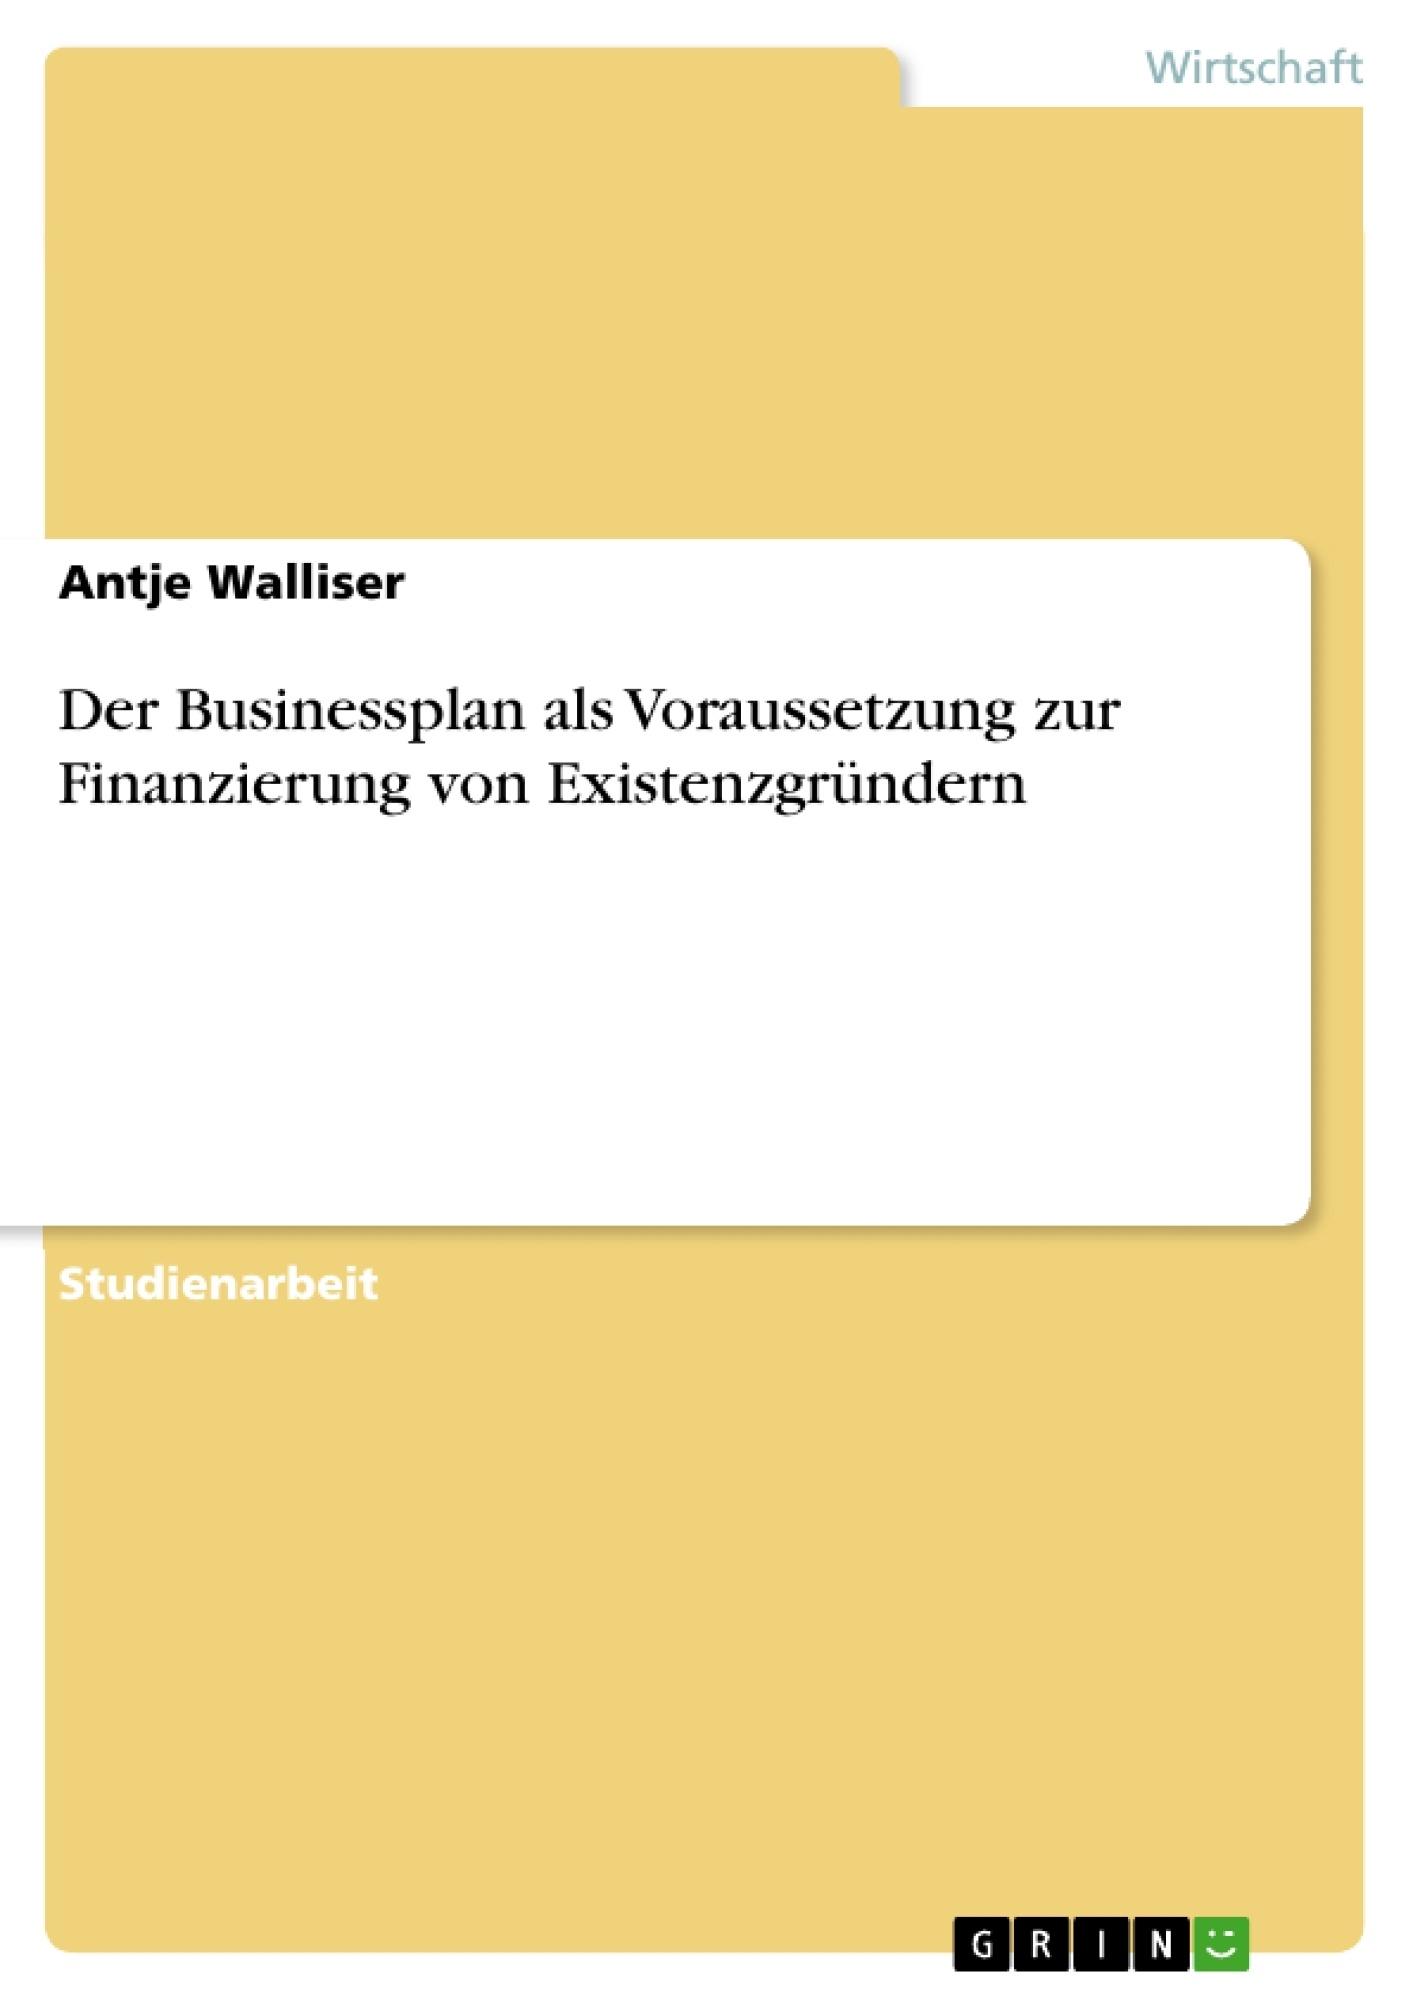 Titel: Der Businessplan als Voraussetzung zur Finanzierung von Existenzgründern